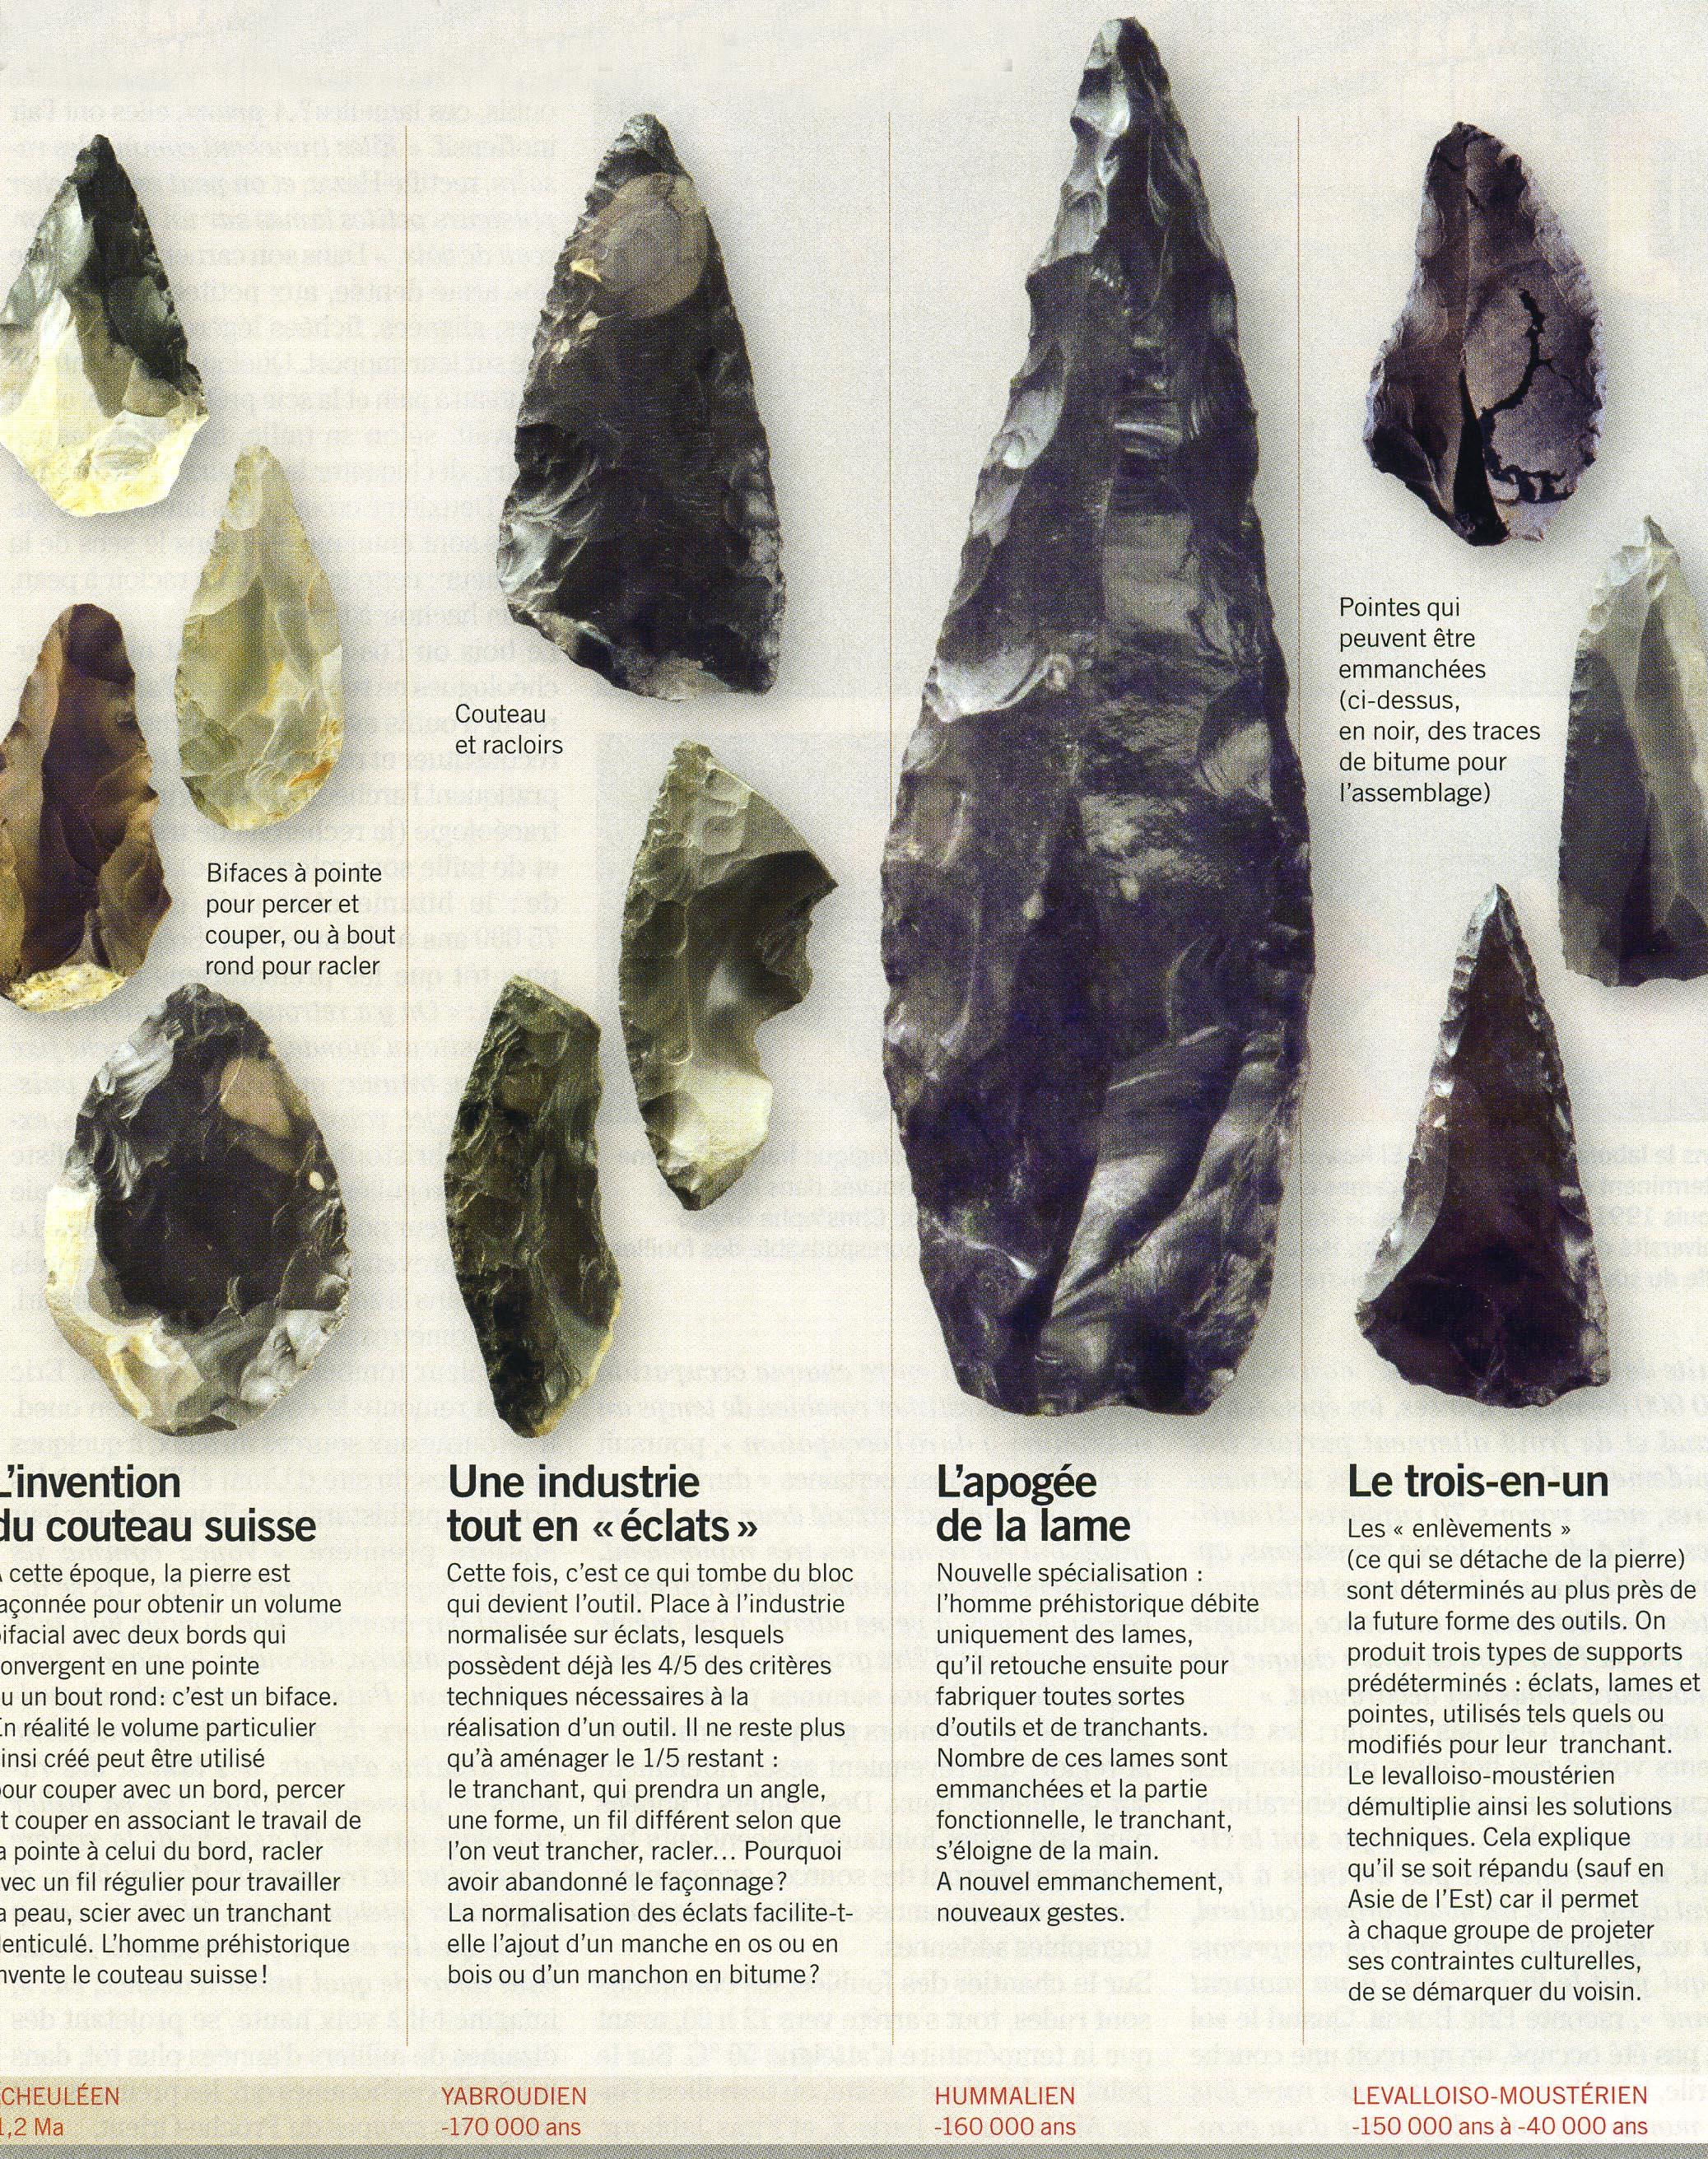 Outils préhistoriques